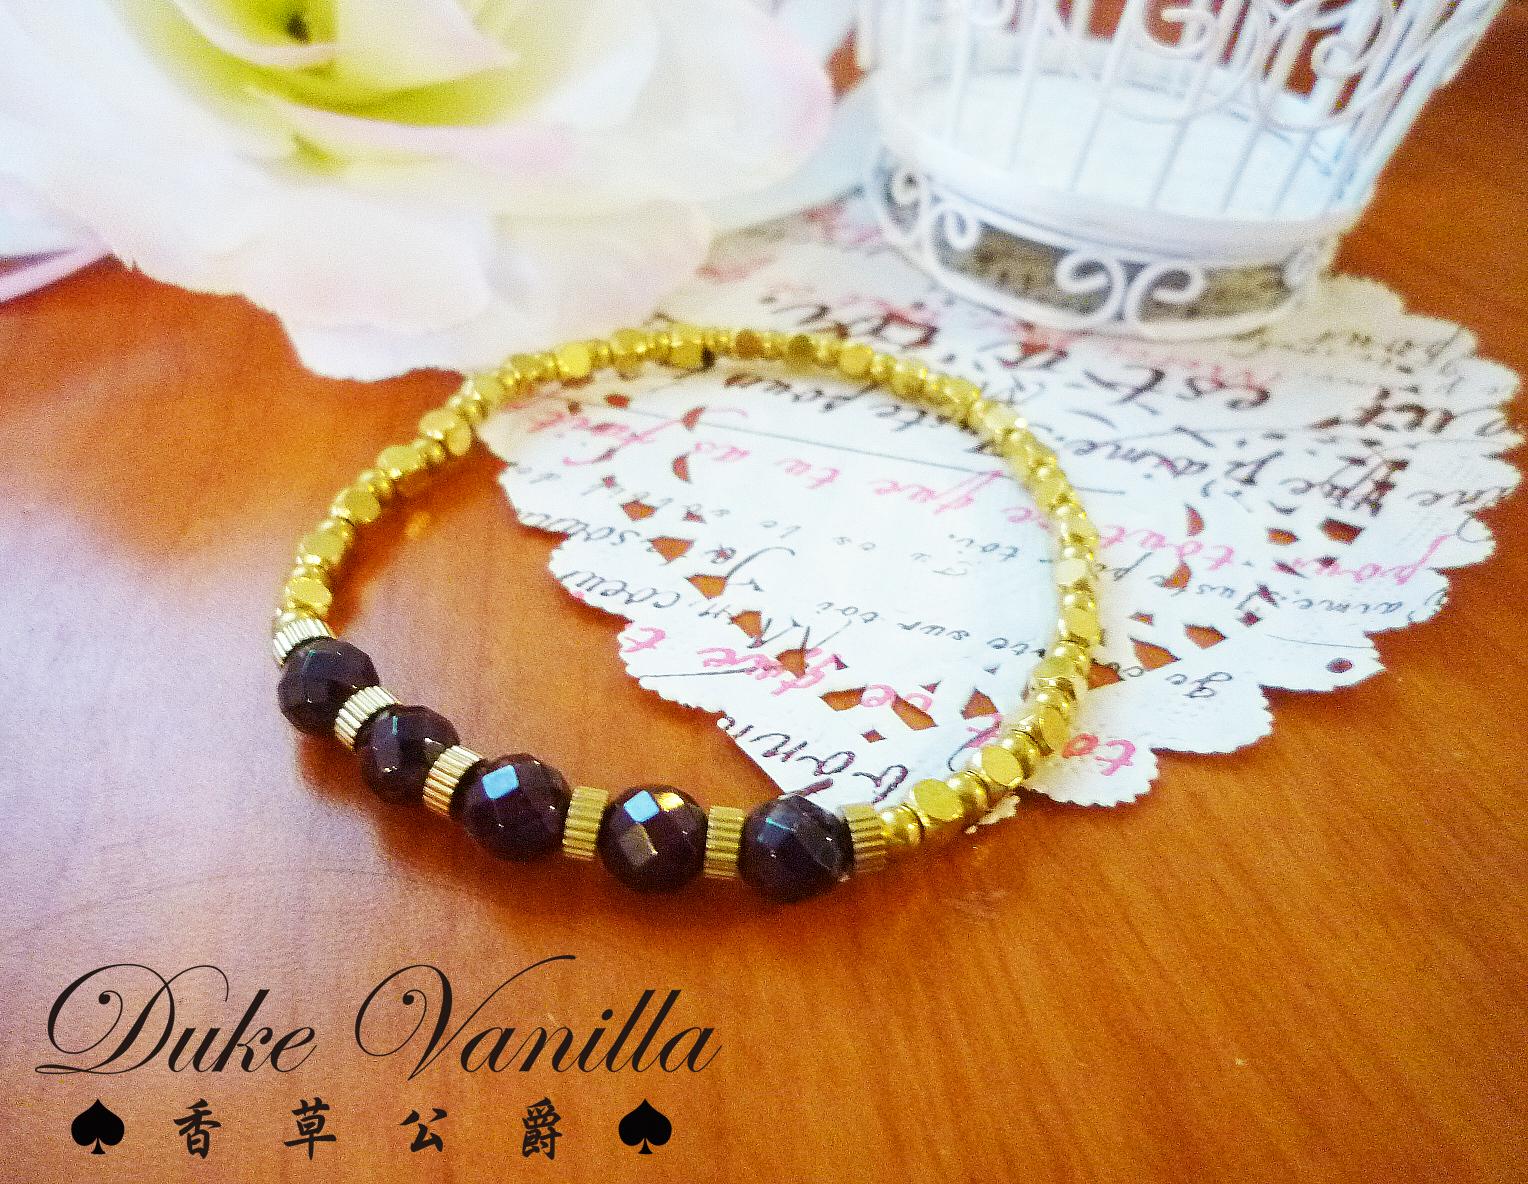 黃銅方珠齒輪紅石榴五顆手環 - Duke Vanilla 香草公爵